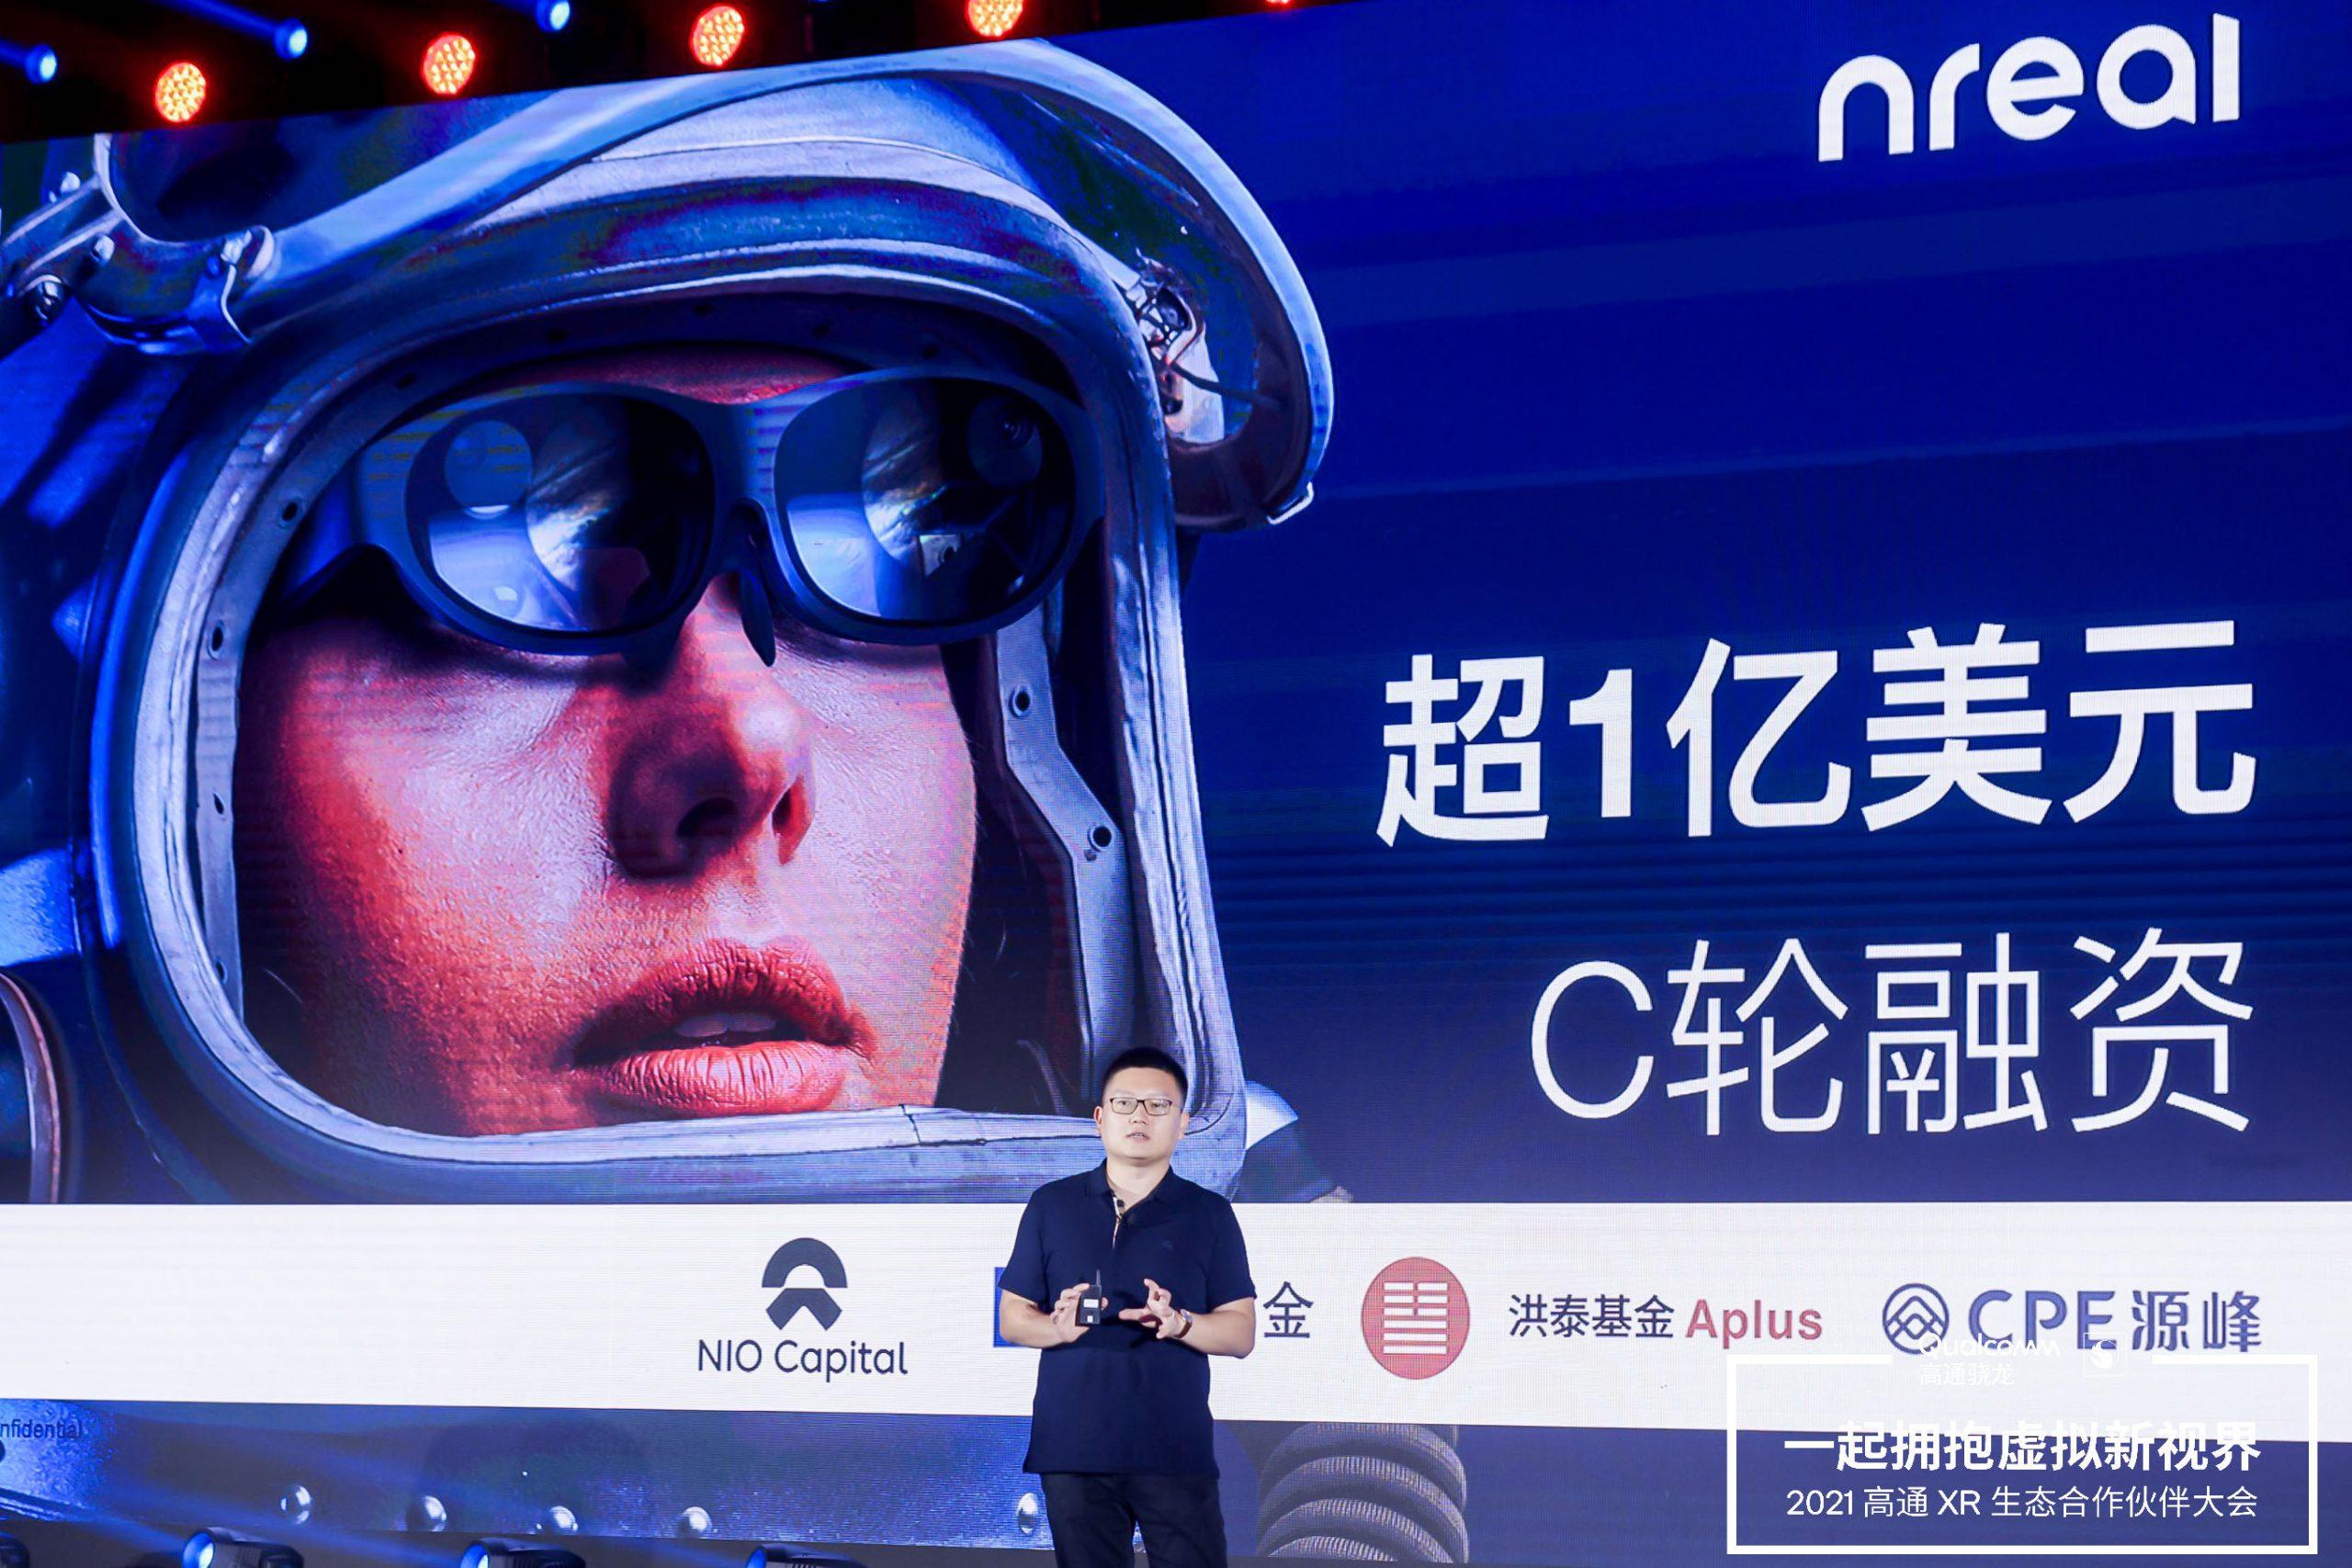 AR公司Nreal完成超1亿美元融资:蔚来资本与云锋及洪泰领投